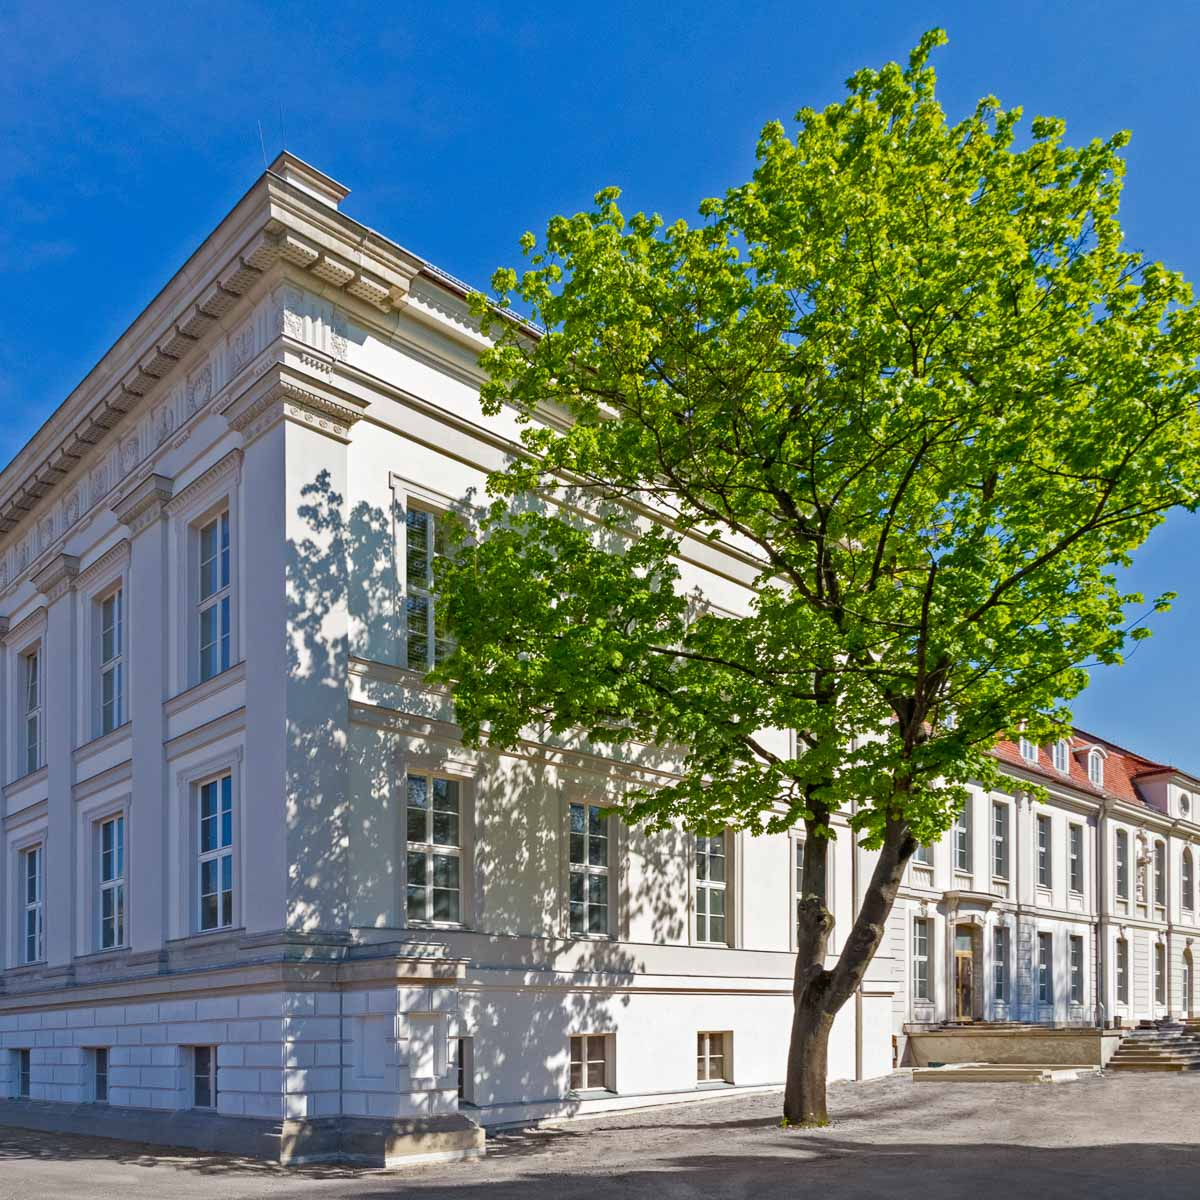 Palais Populaire Berlin Fassade © Mathias Schormann